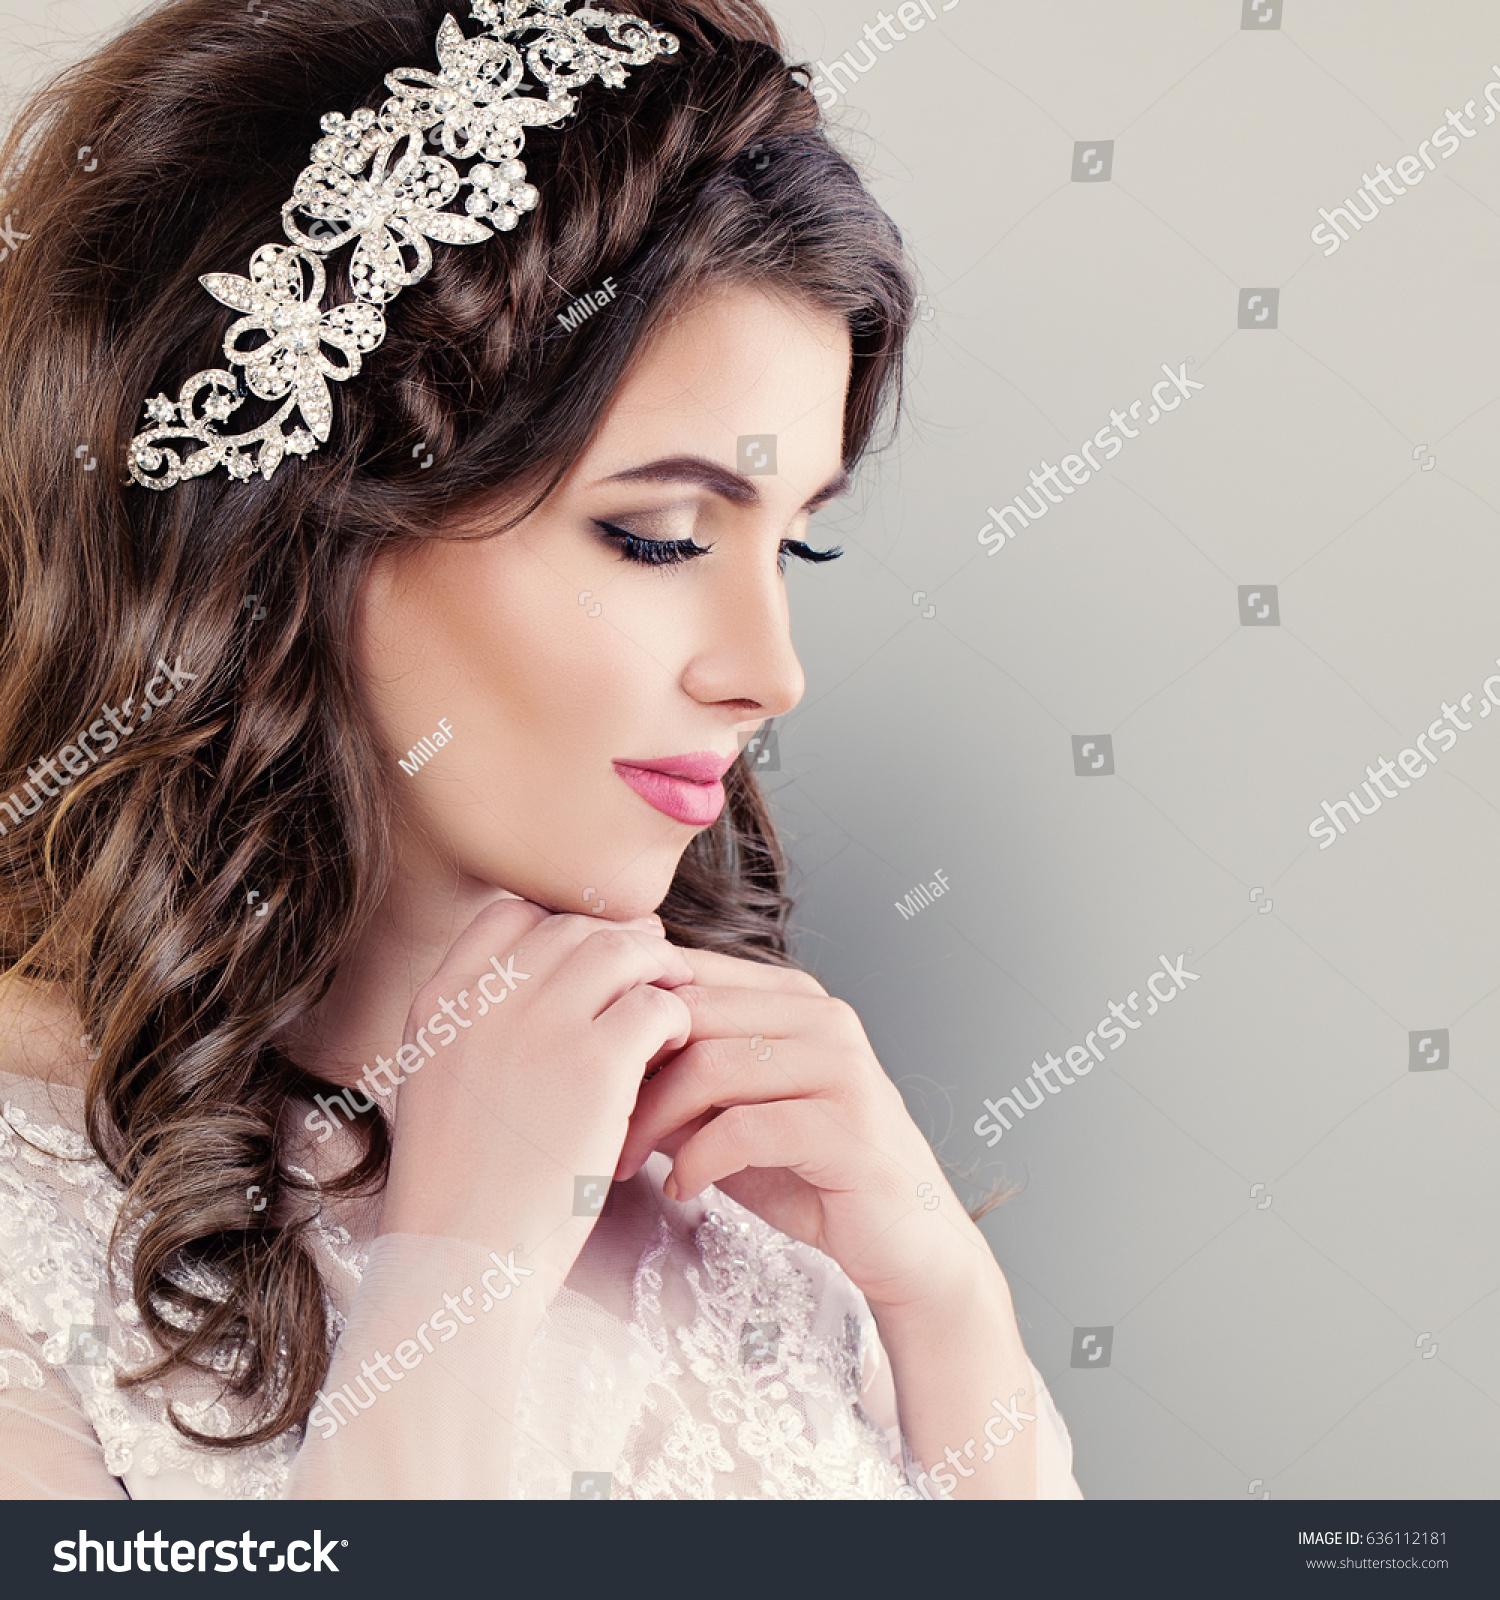 beautiful young bride stylish woman fiancee stock photo 636112181